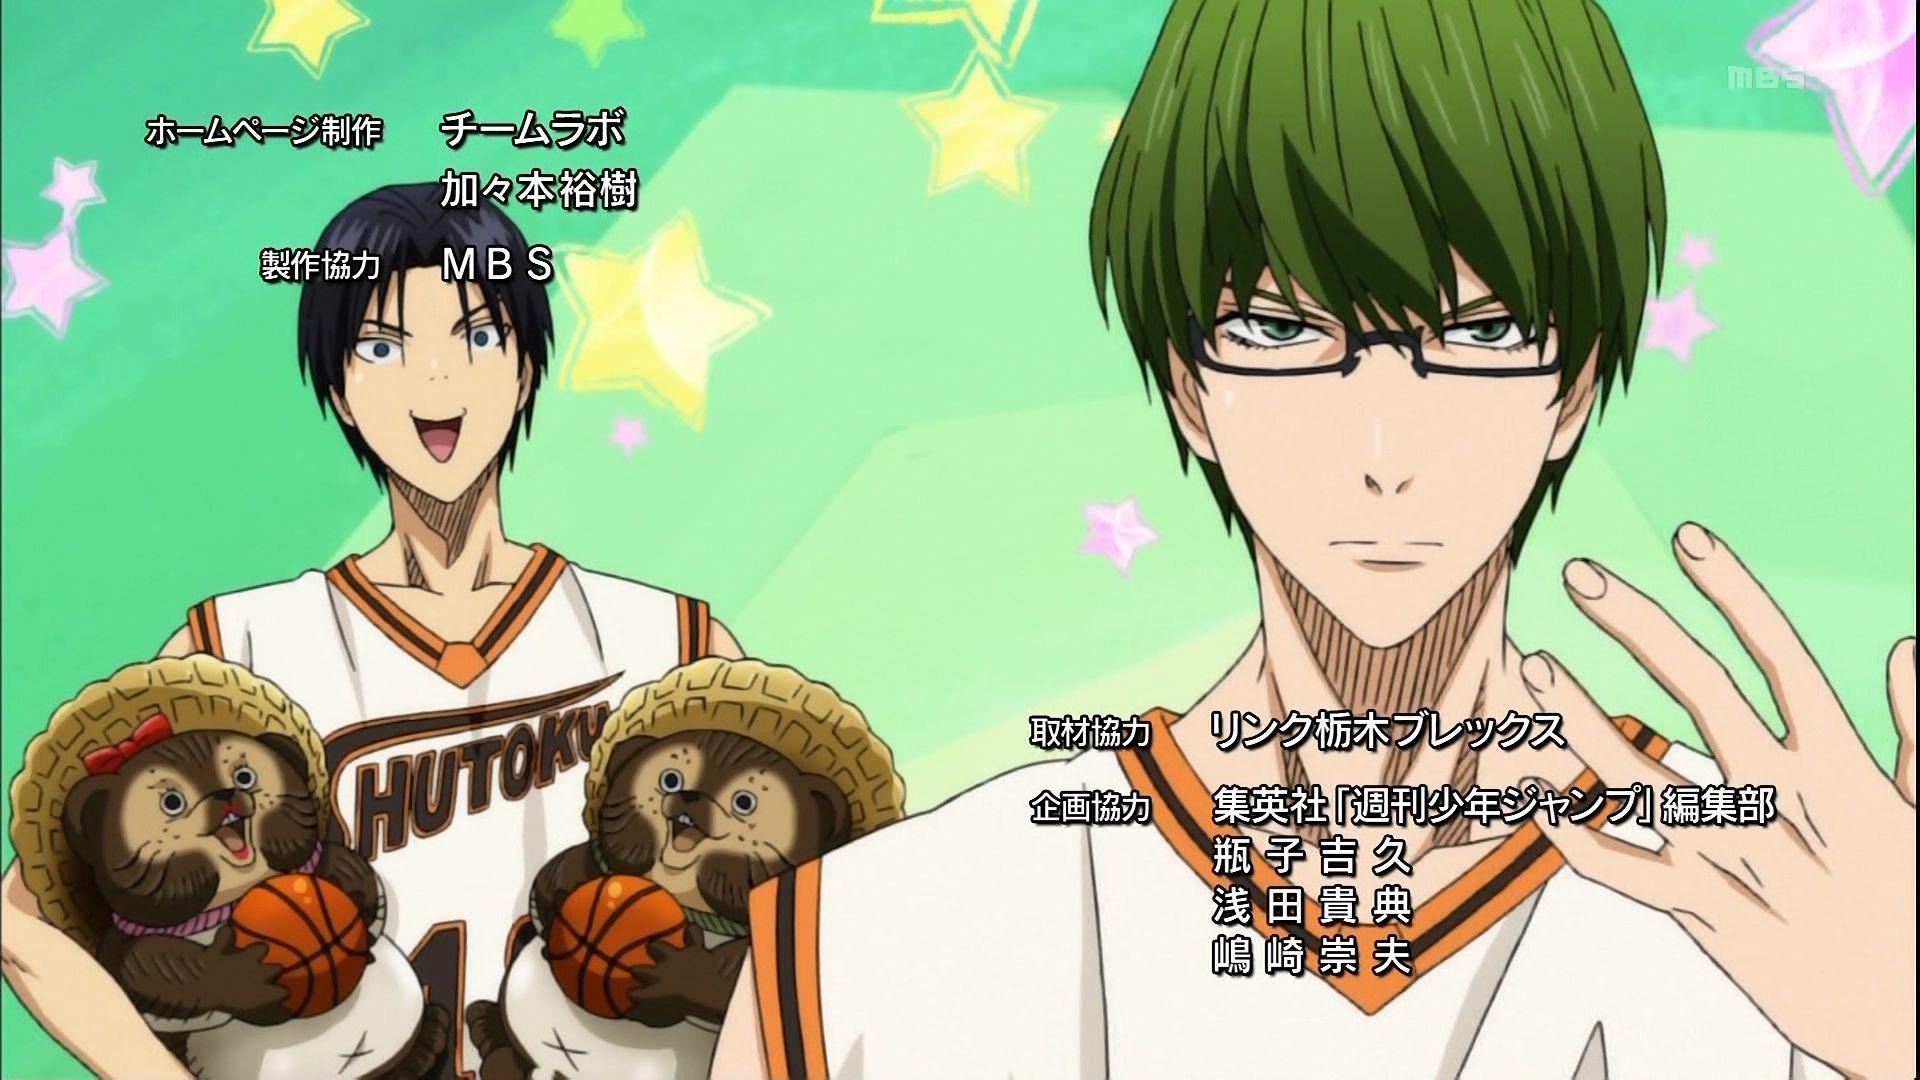 黒子のバスケ 第11話感想画像まとめ 緑間さんチートすぎ 高尾の動き